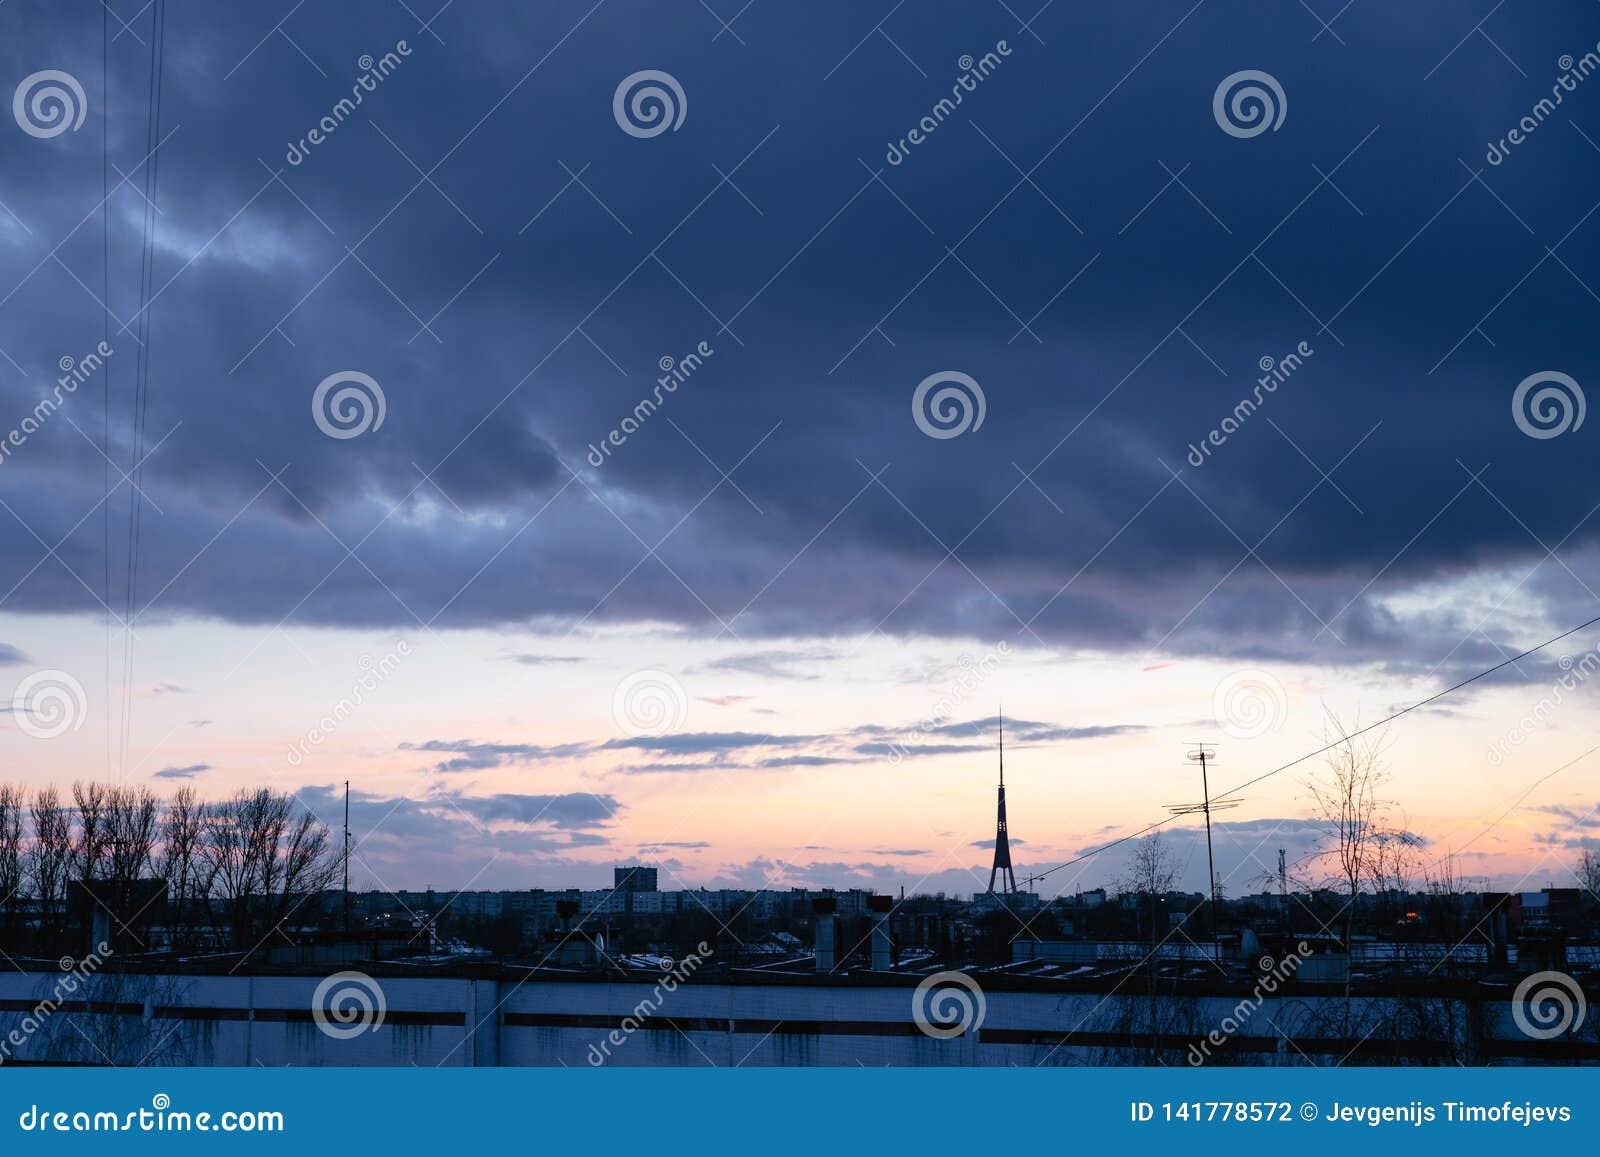 Η εικονική παράσταση πόλης με θαυμάσιο η ζωηρή αυγή Καταπληκτικός δραματικός μπλε ουρανός με τα πορφυρά και ιώδη σύννεφα επάνω απ